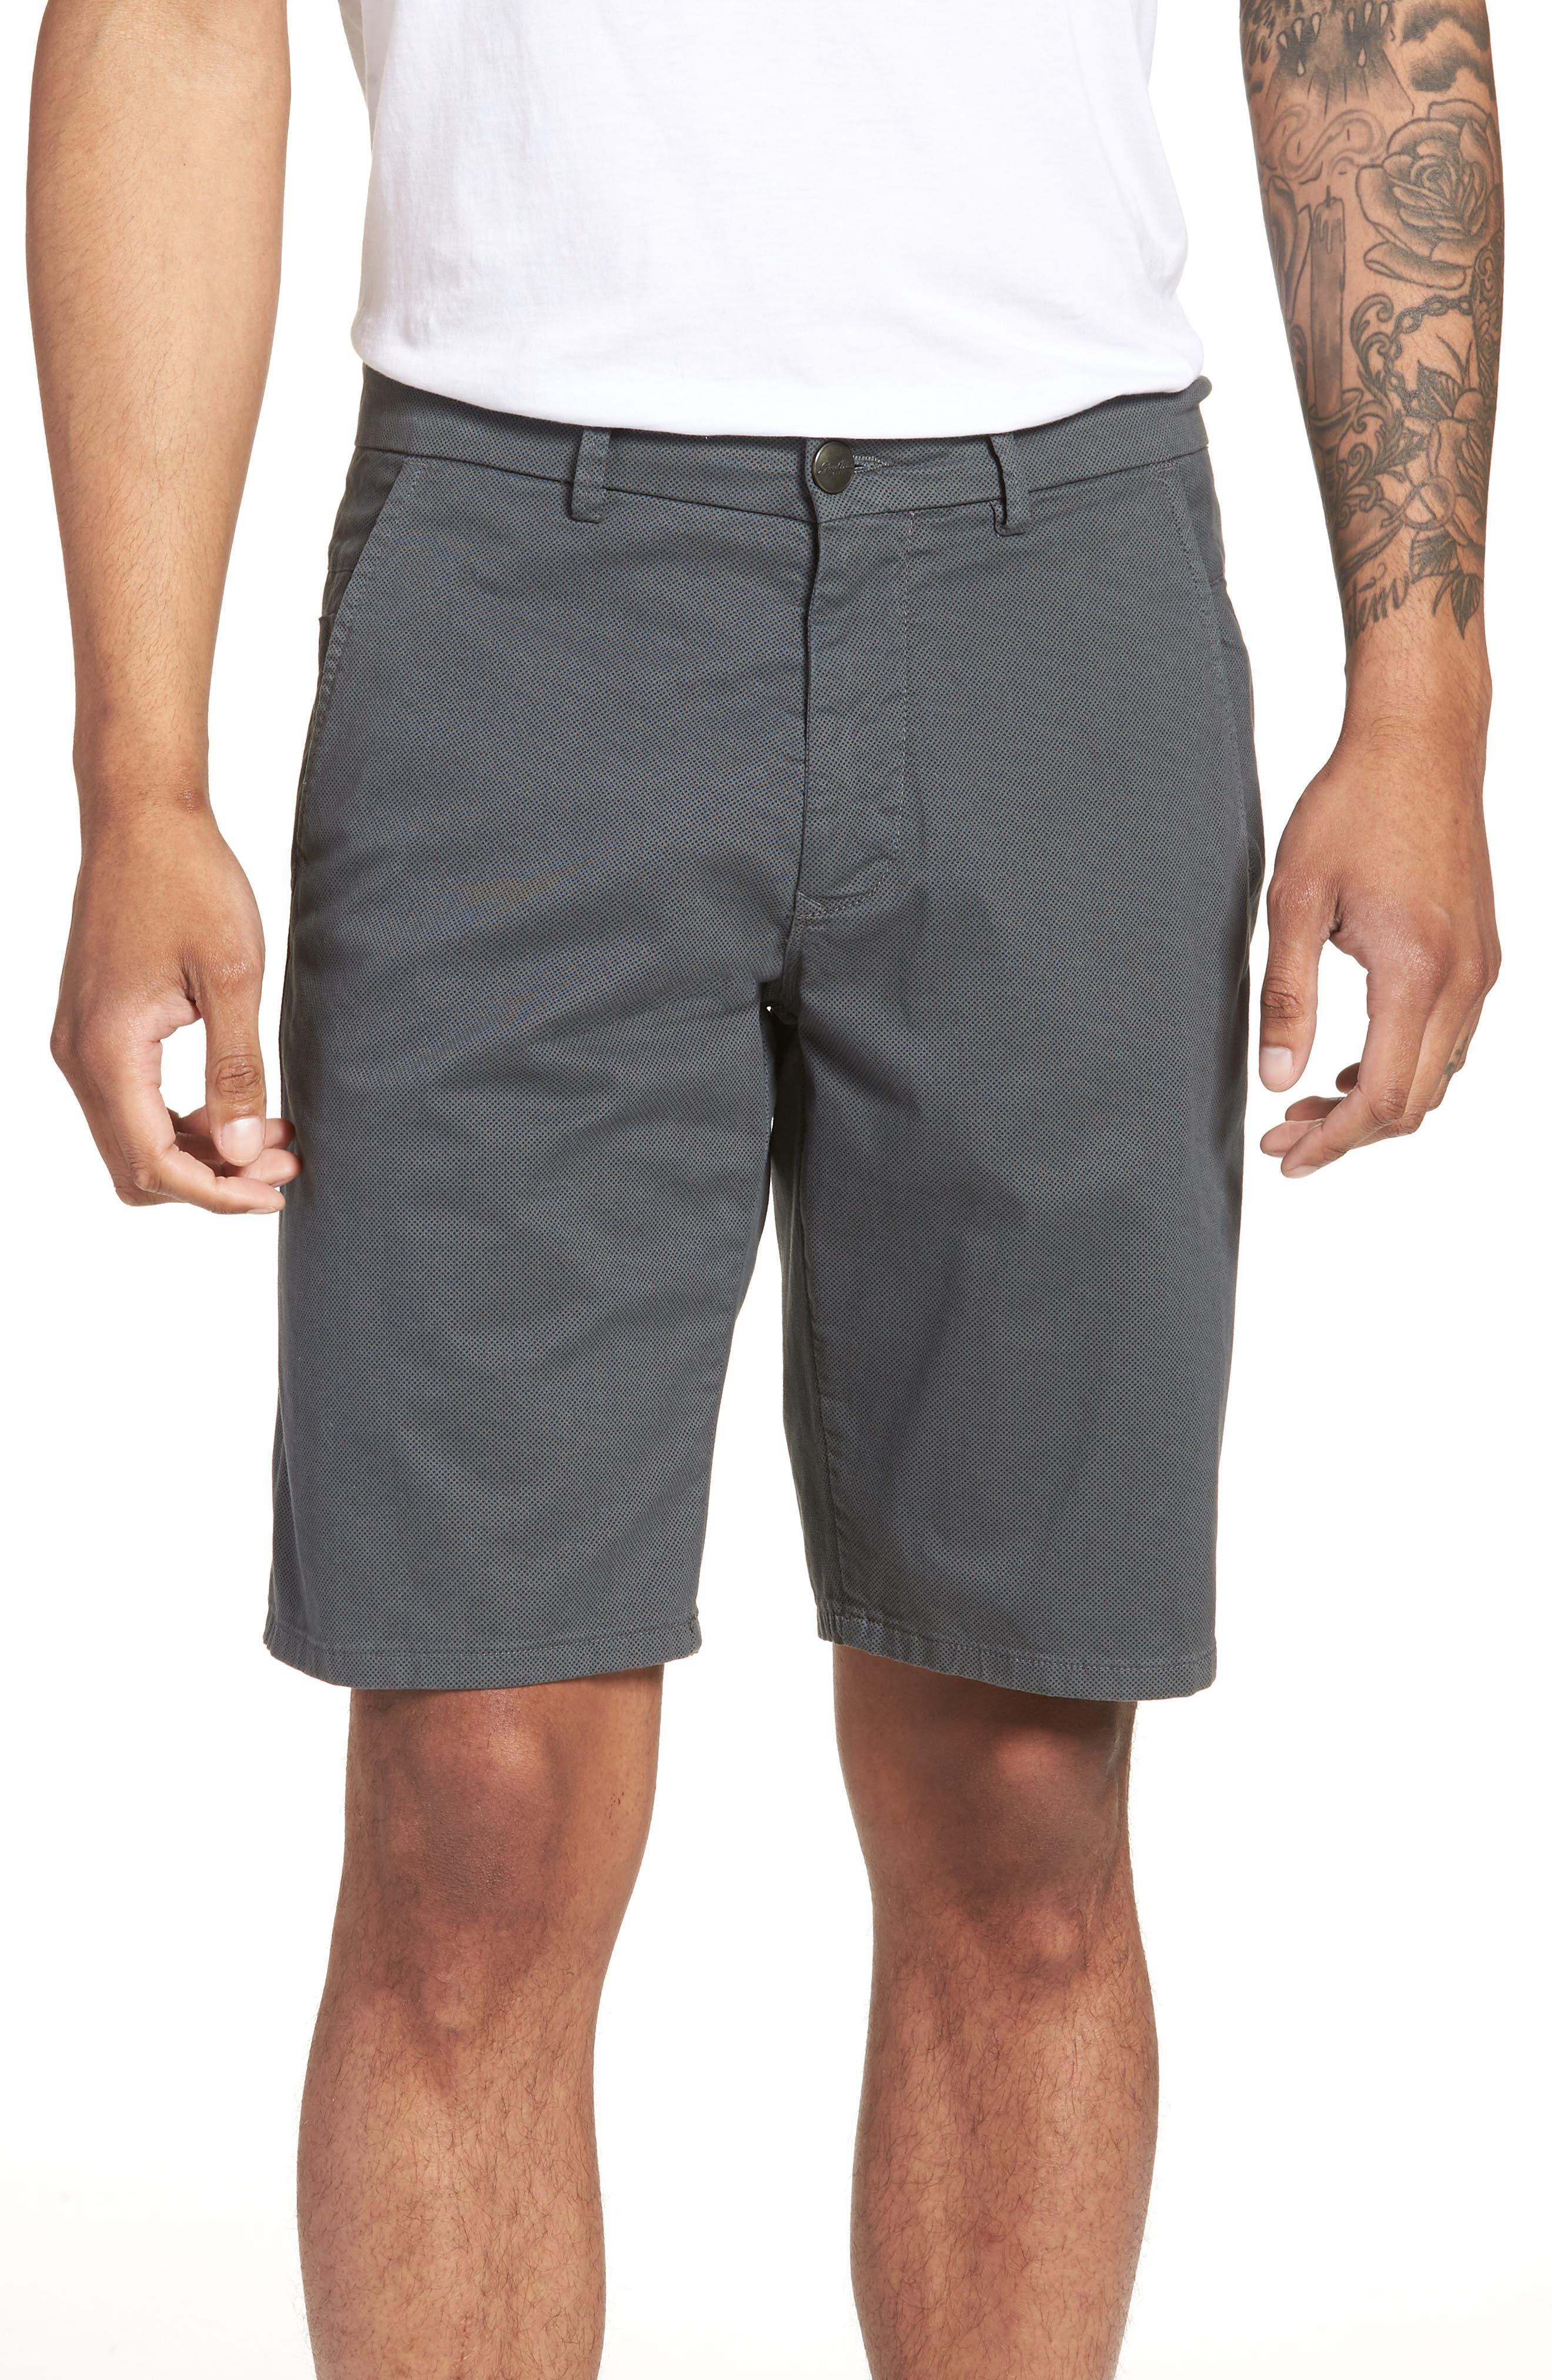 Wrap Microdot Stretch Chino Shorts,                             Main thumbnail 1, color,                             051